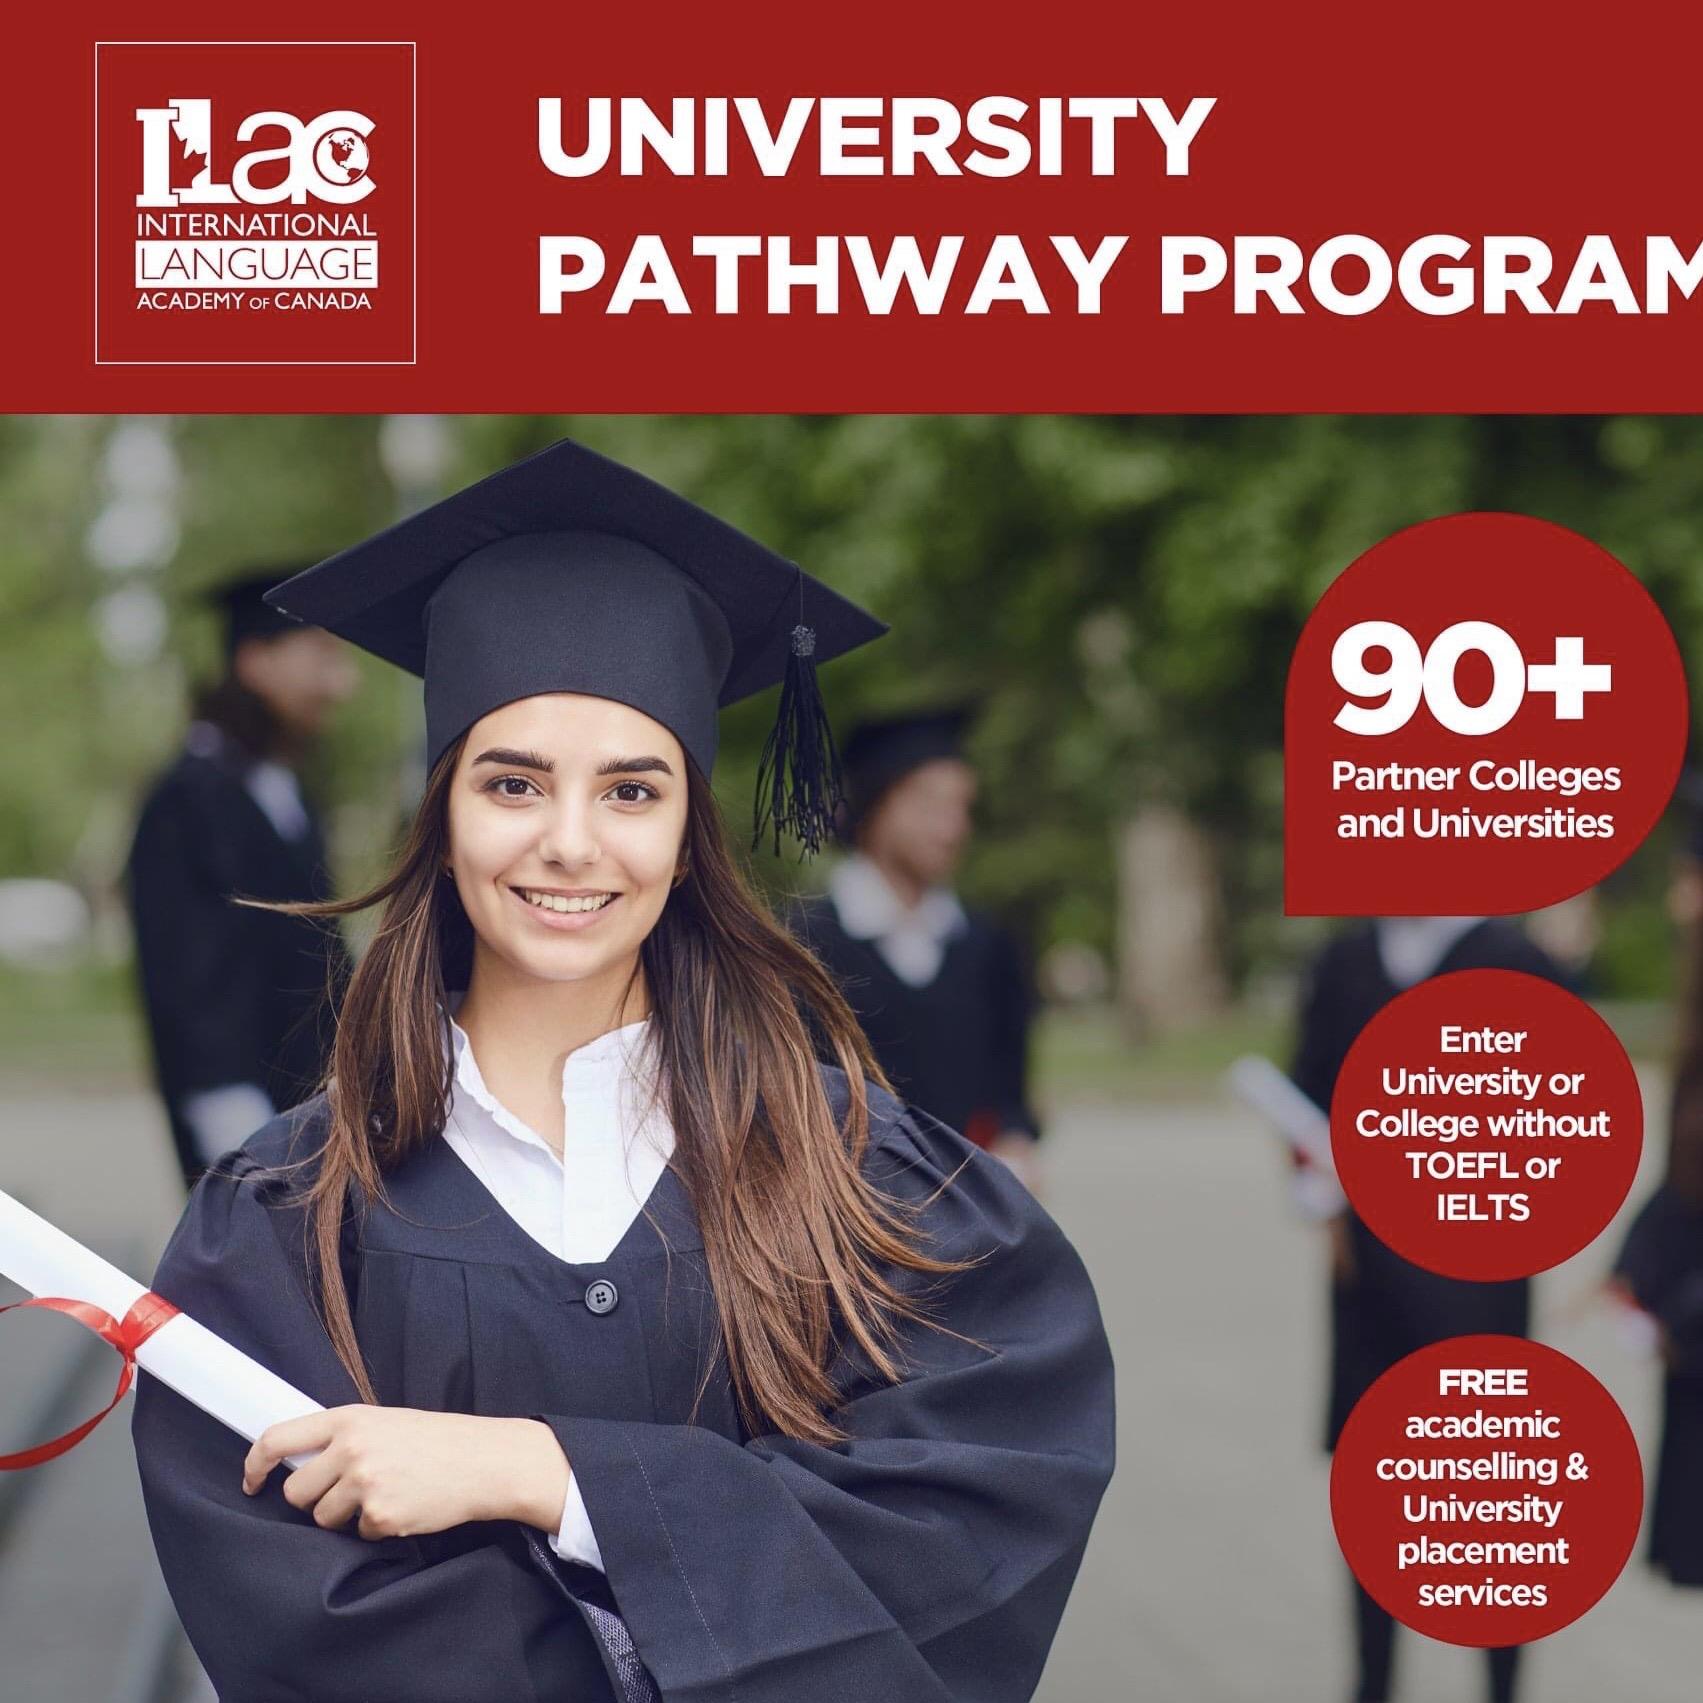 ilac pathway program